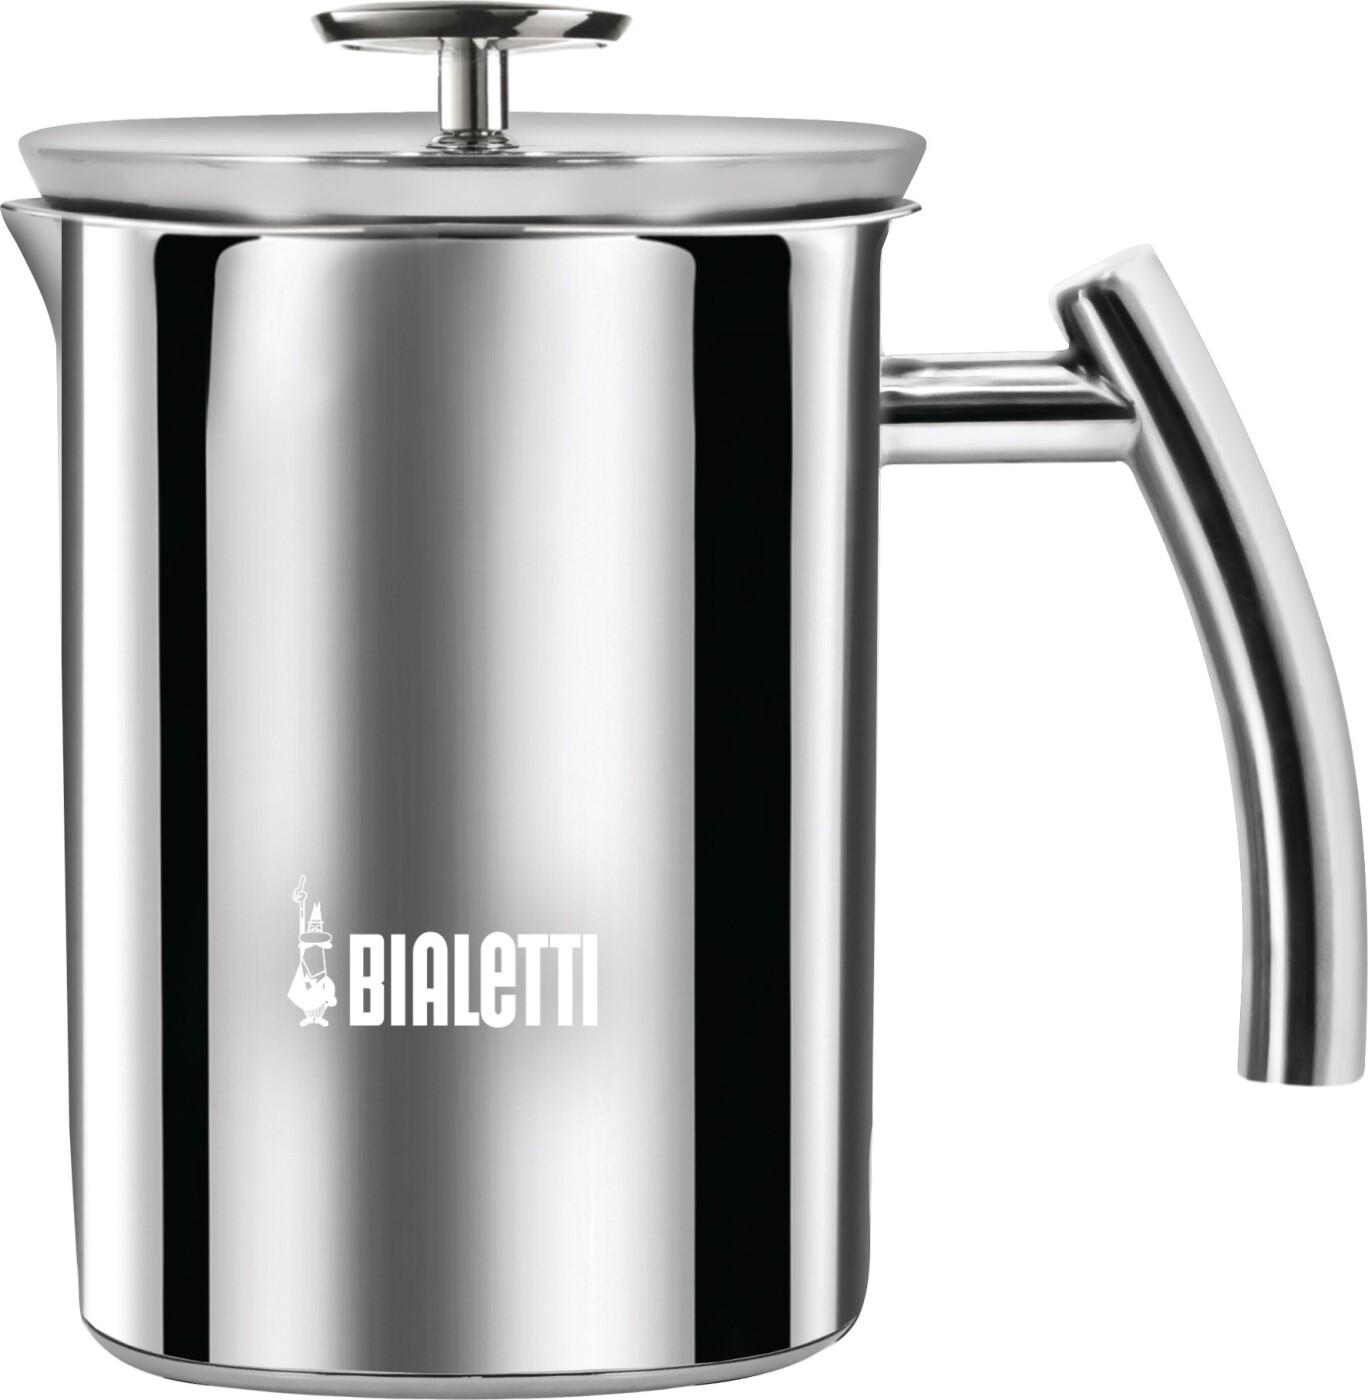 Billede af Bialetti Tuttocrema Mælkeskummer Til Induktion - 1 Liter